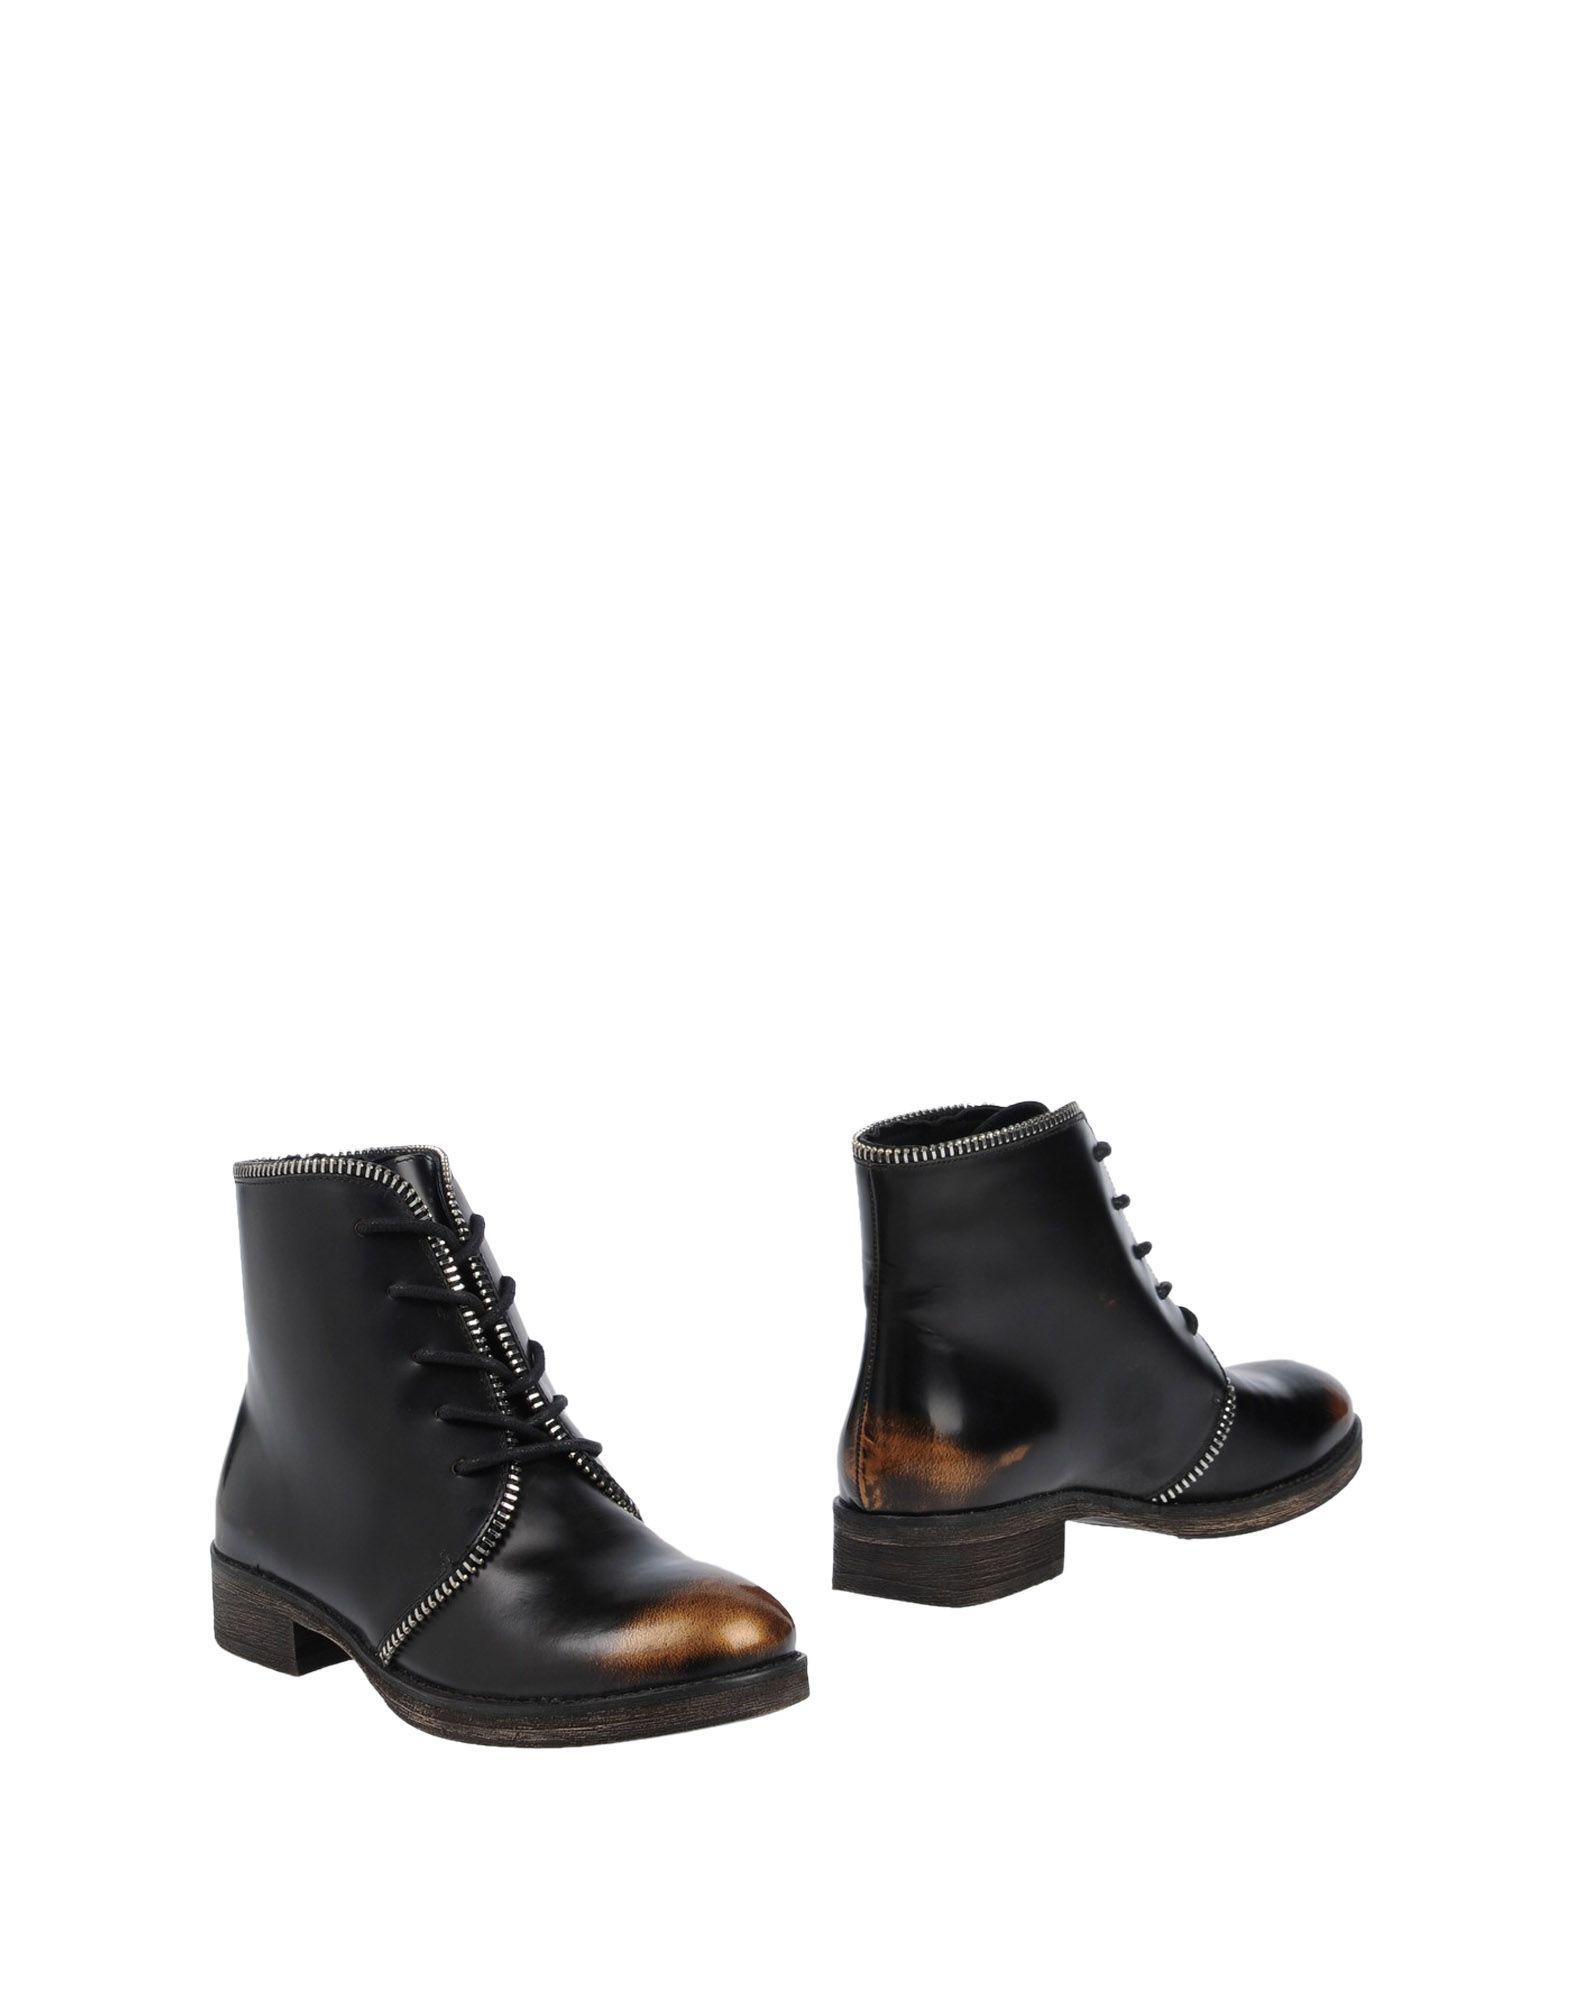 Gut um Stiefelette billige Schuhe zu tragenMi/Mai Stiefelette um Damen  11505749VW db02ec